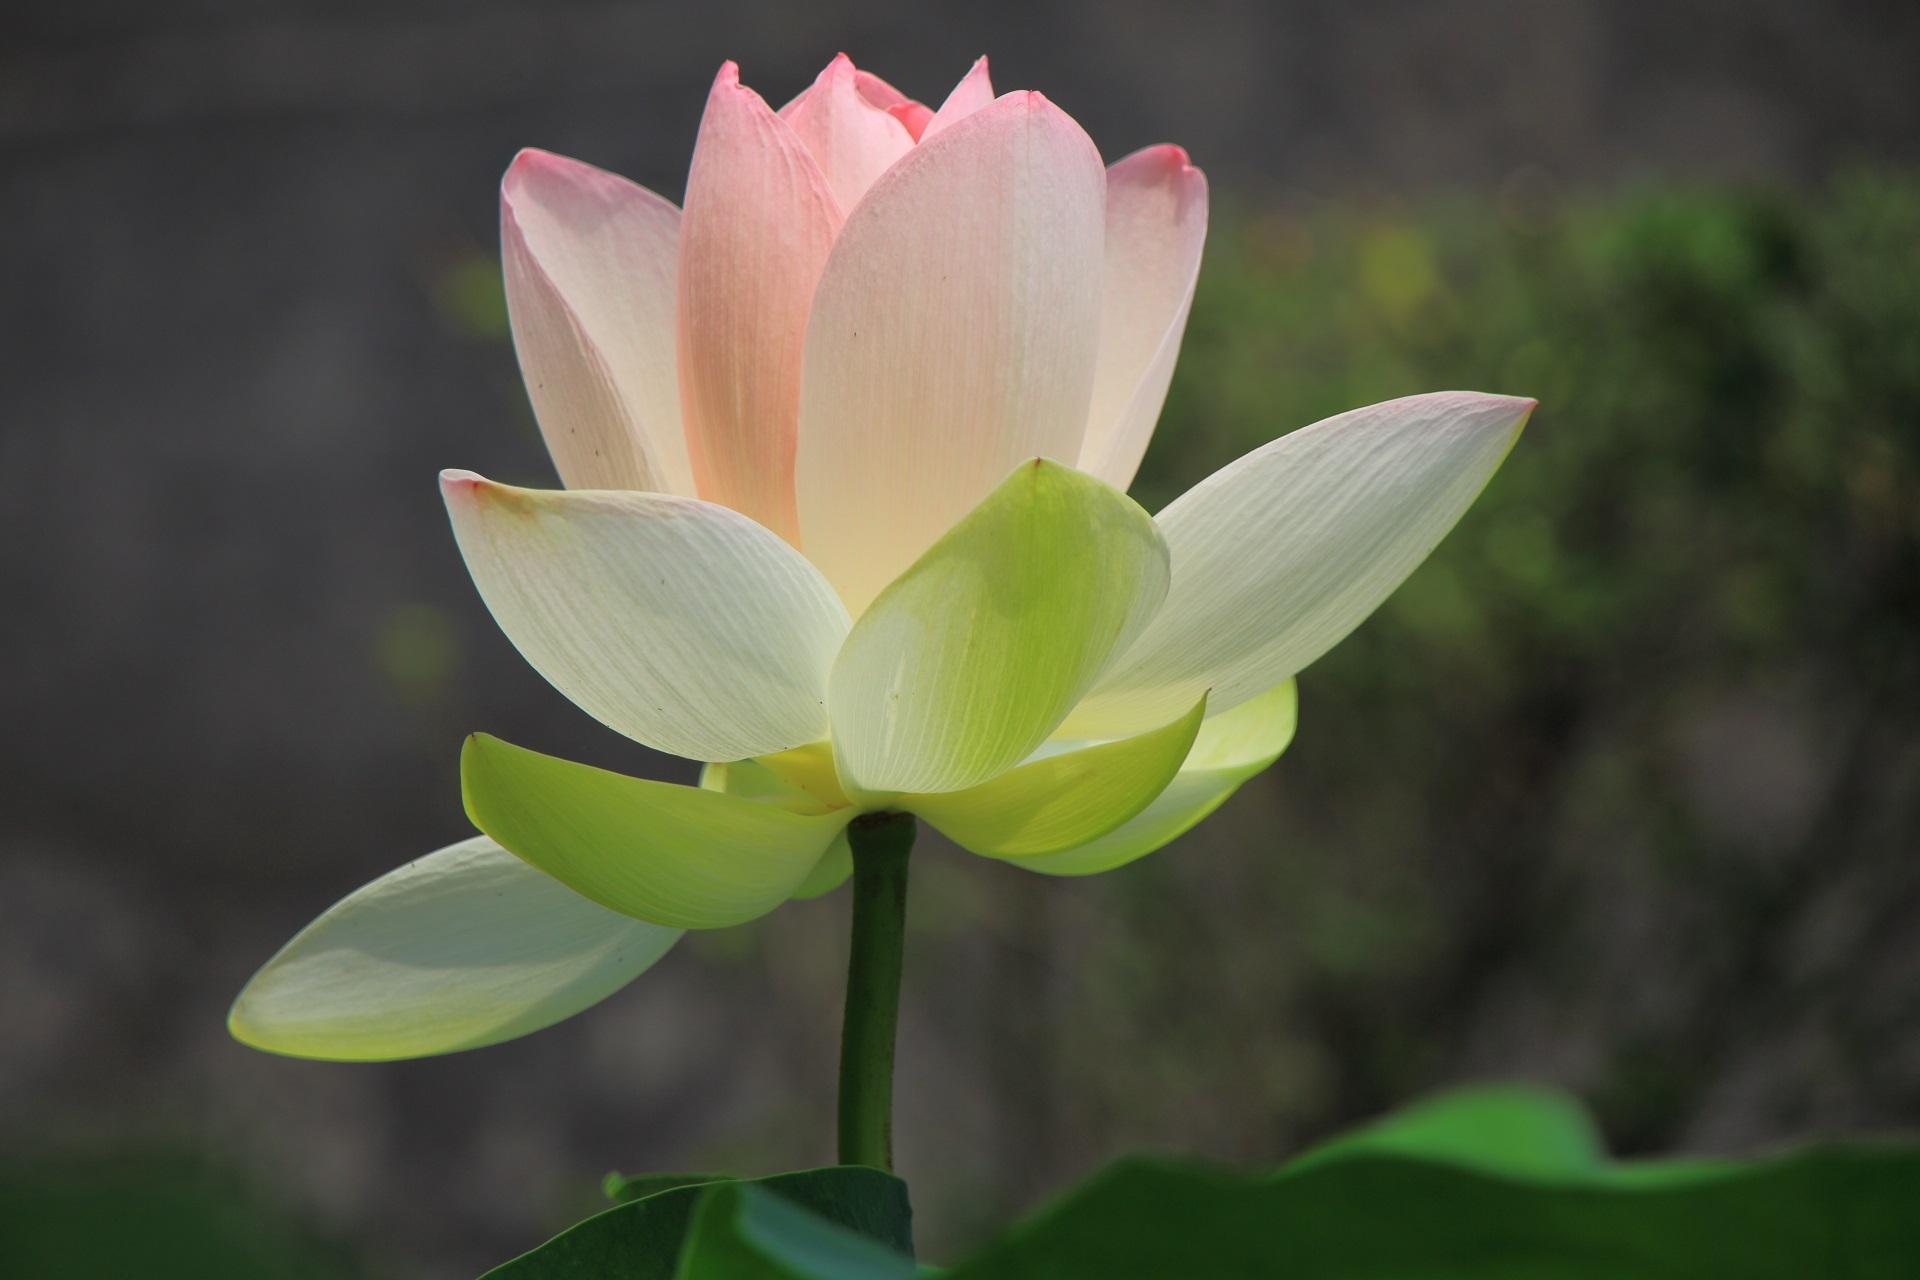 東本願寺のほんのり光るような華やかな白い蓮の花